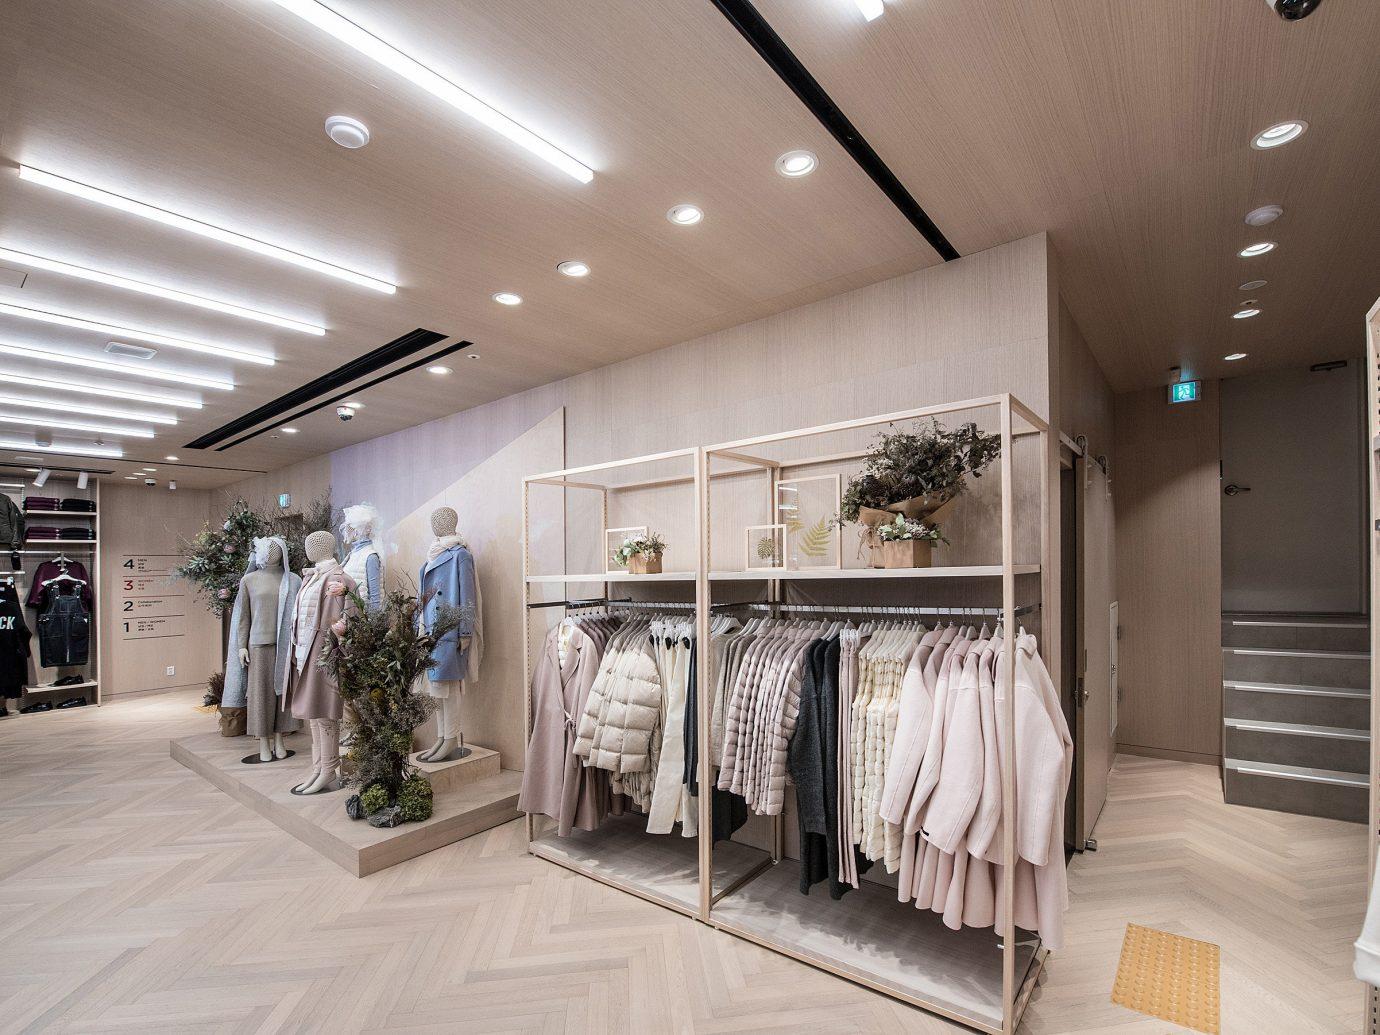 Seoul Style + Design Travel Shop indoor floor ceiling Boutique retail interior design flooring counter furniture several